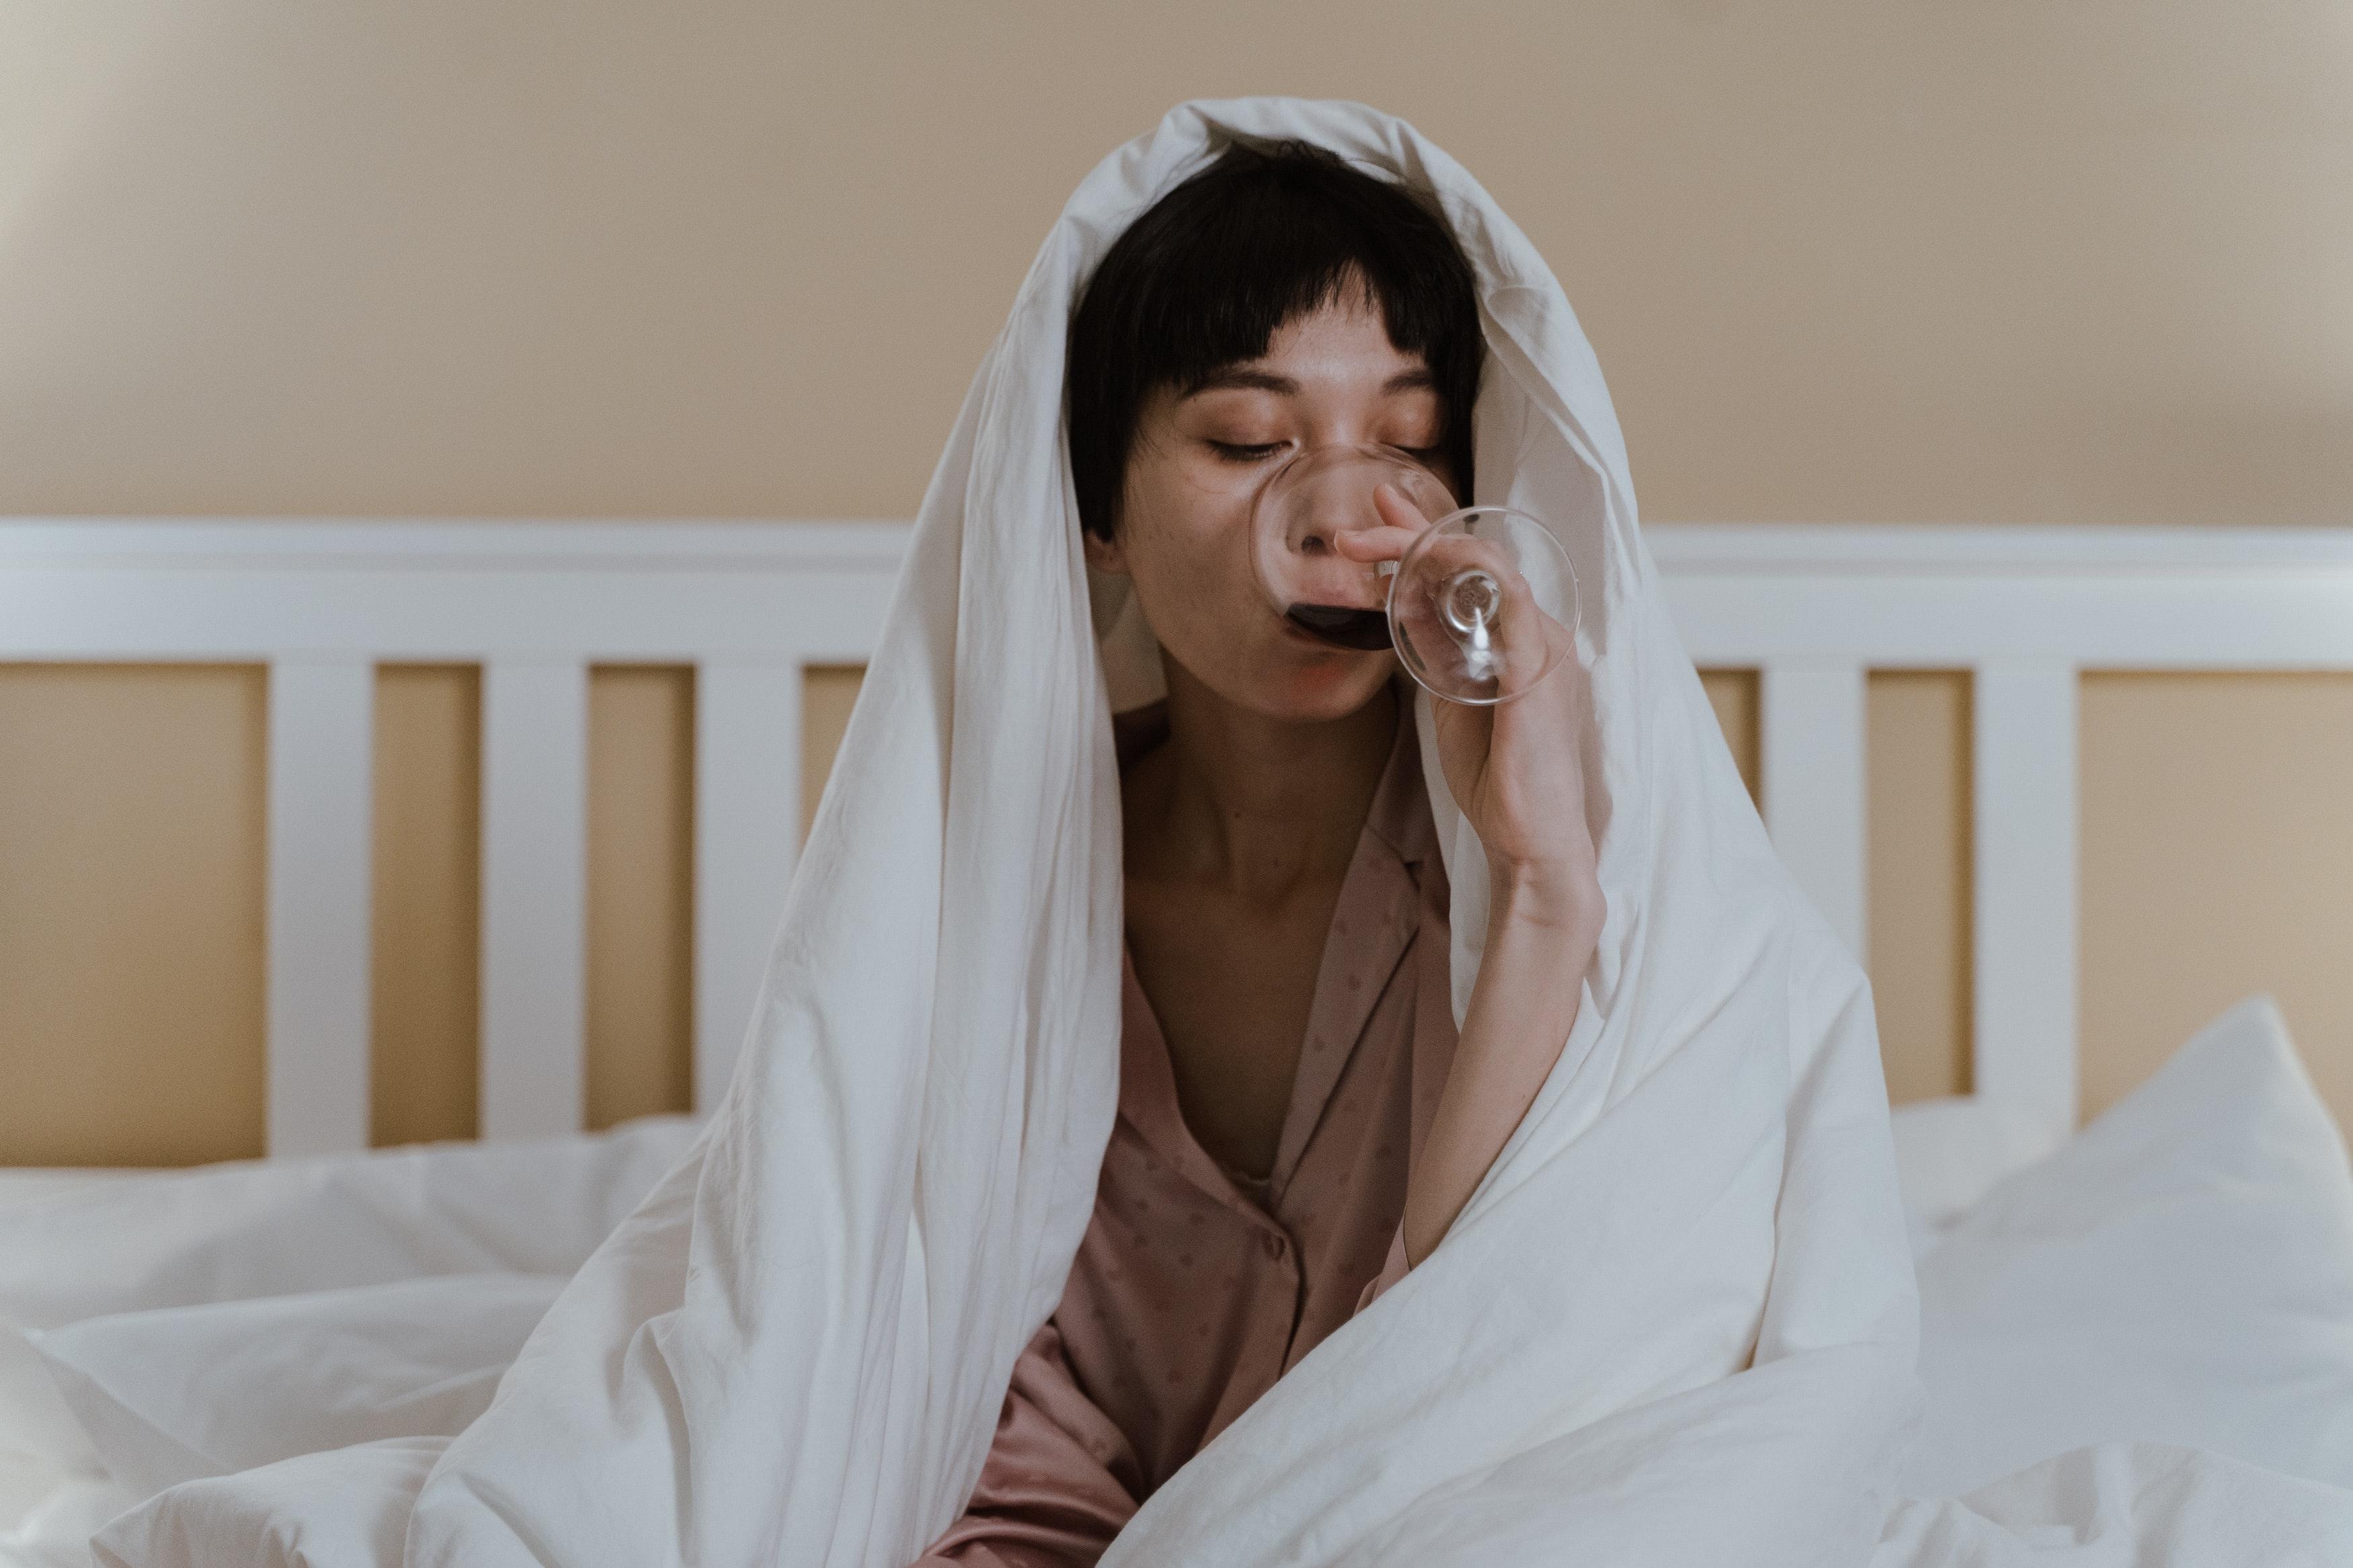 Нельзя употреблять алкоголь перед сном